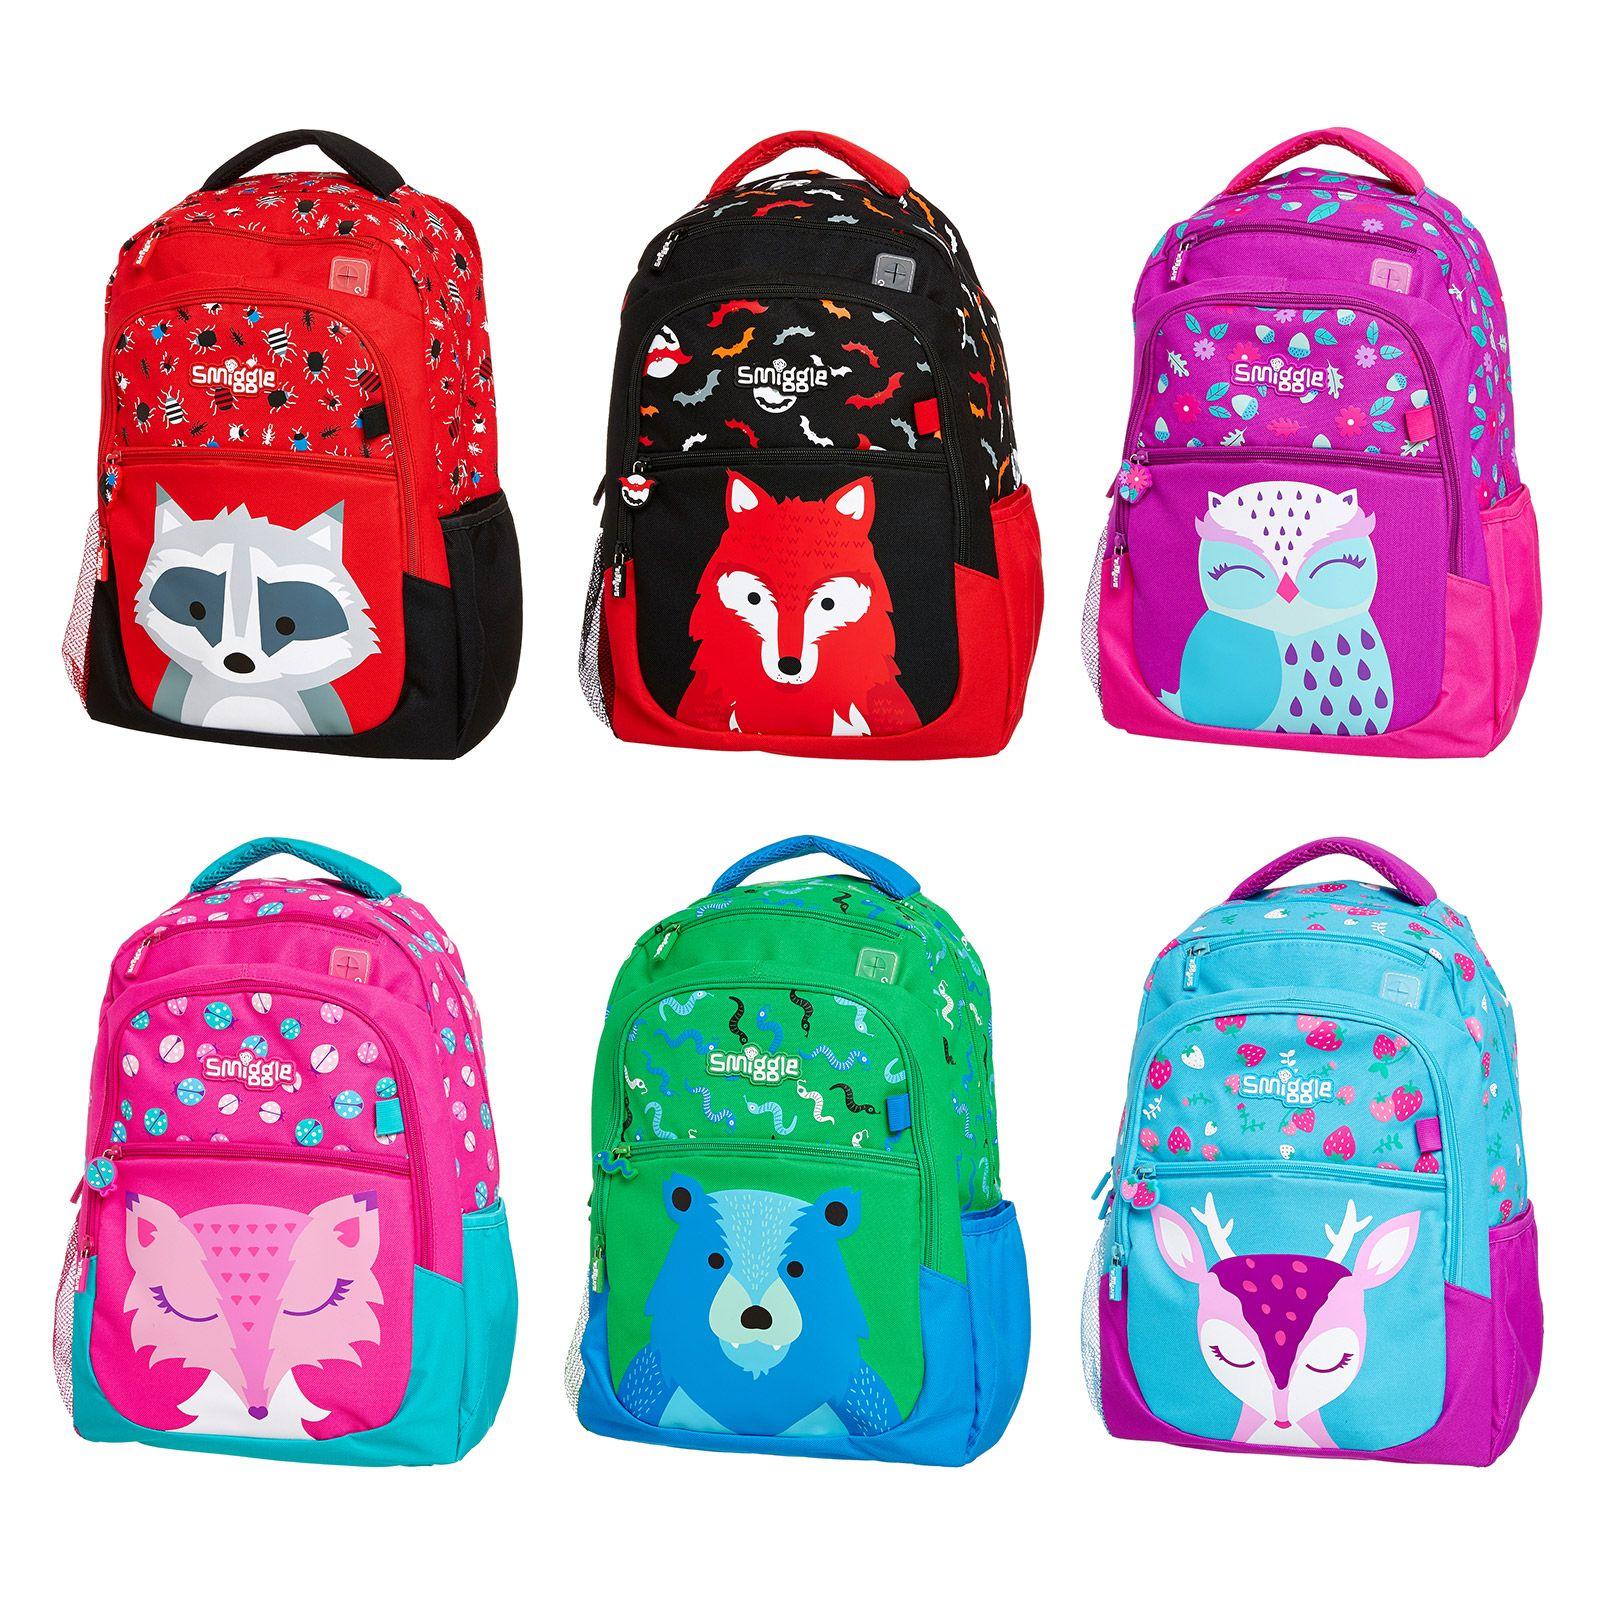 Smiggle bags for school - Woodlands Backpack Smiggle Uk